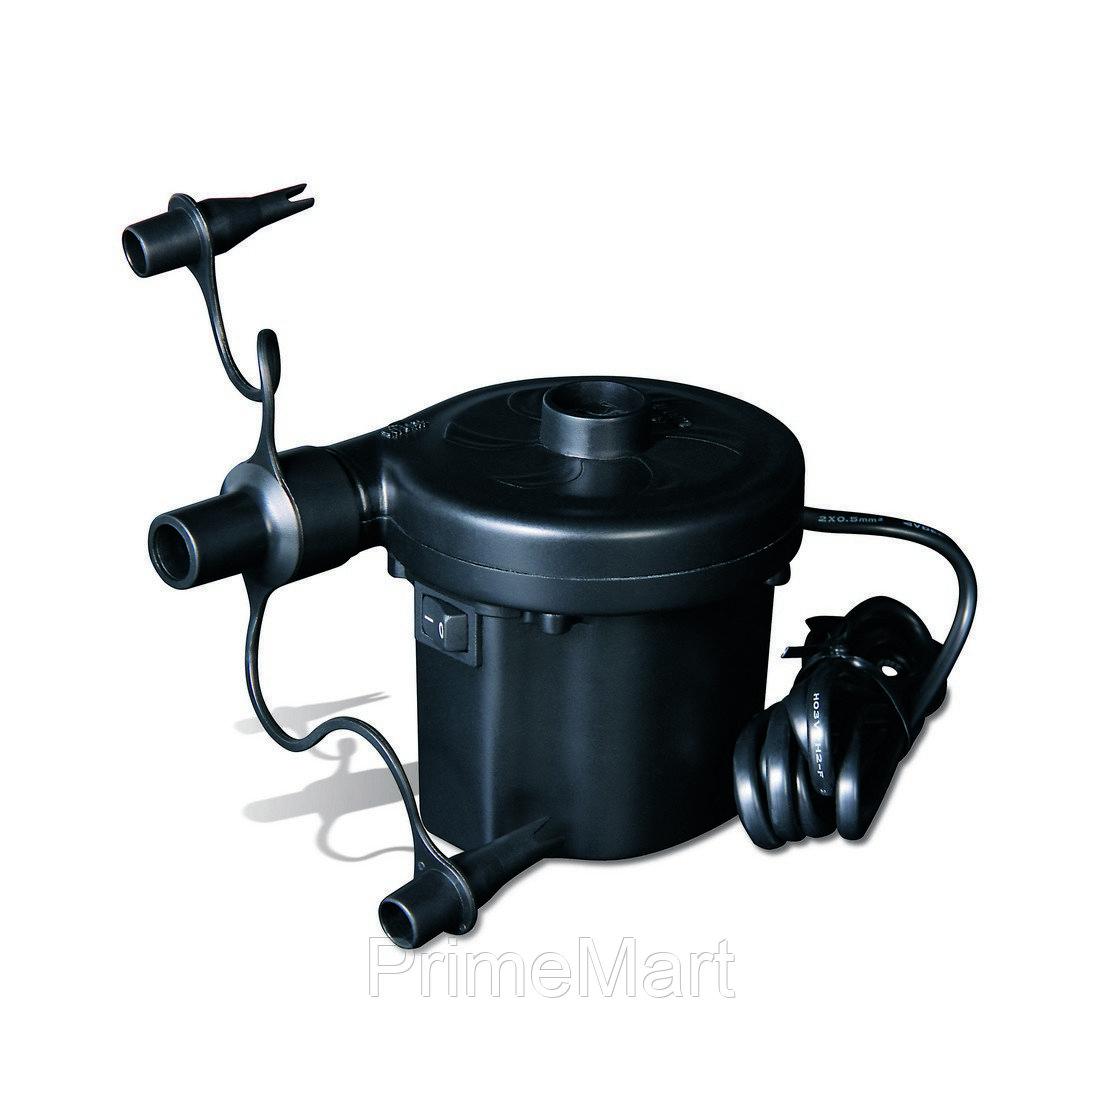 Насос электрический Sidewinder AC Air Pump (220В), BESTWAY, 62056, Пластик, 3 насадки, Чёрный, Цветная коробка